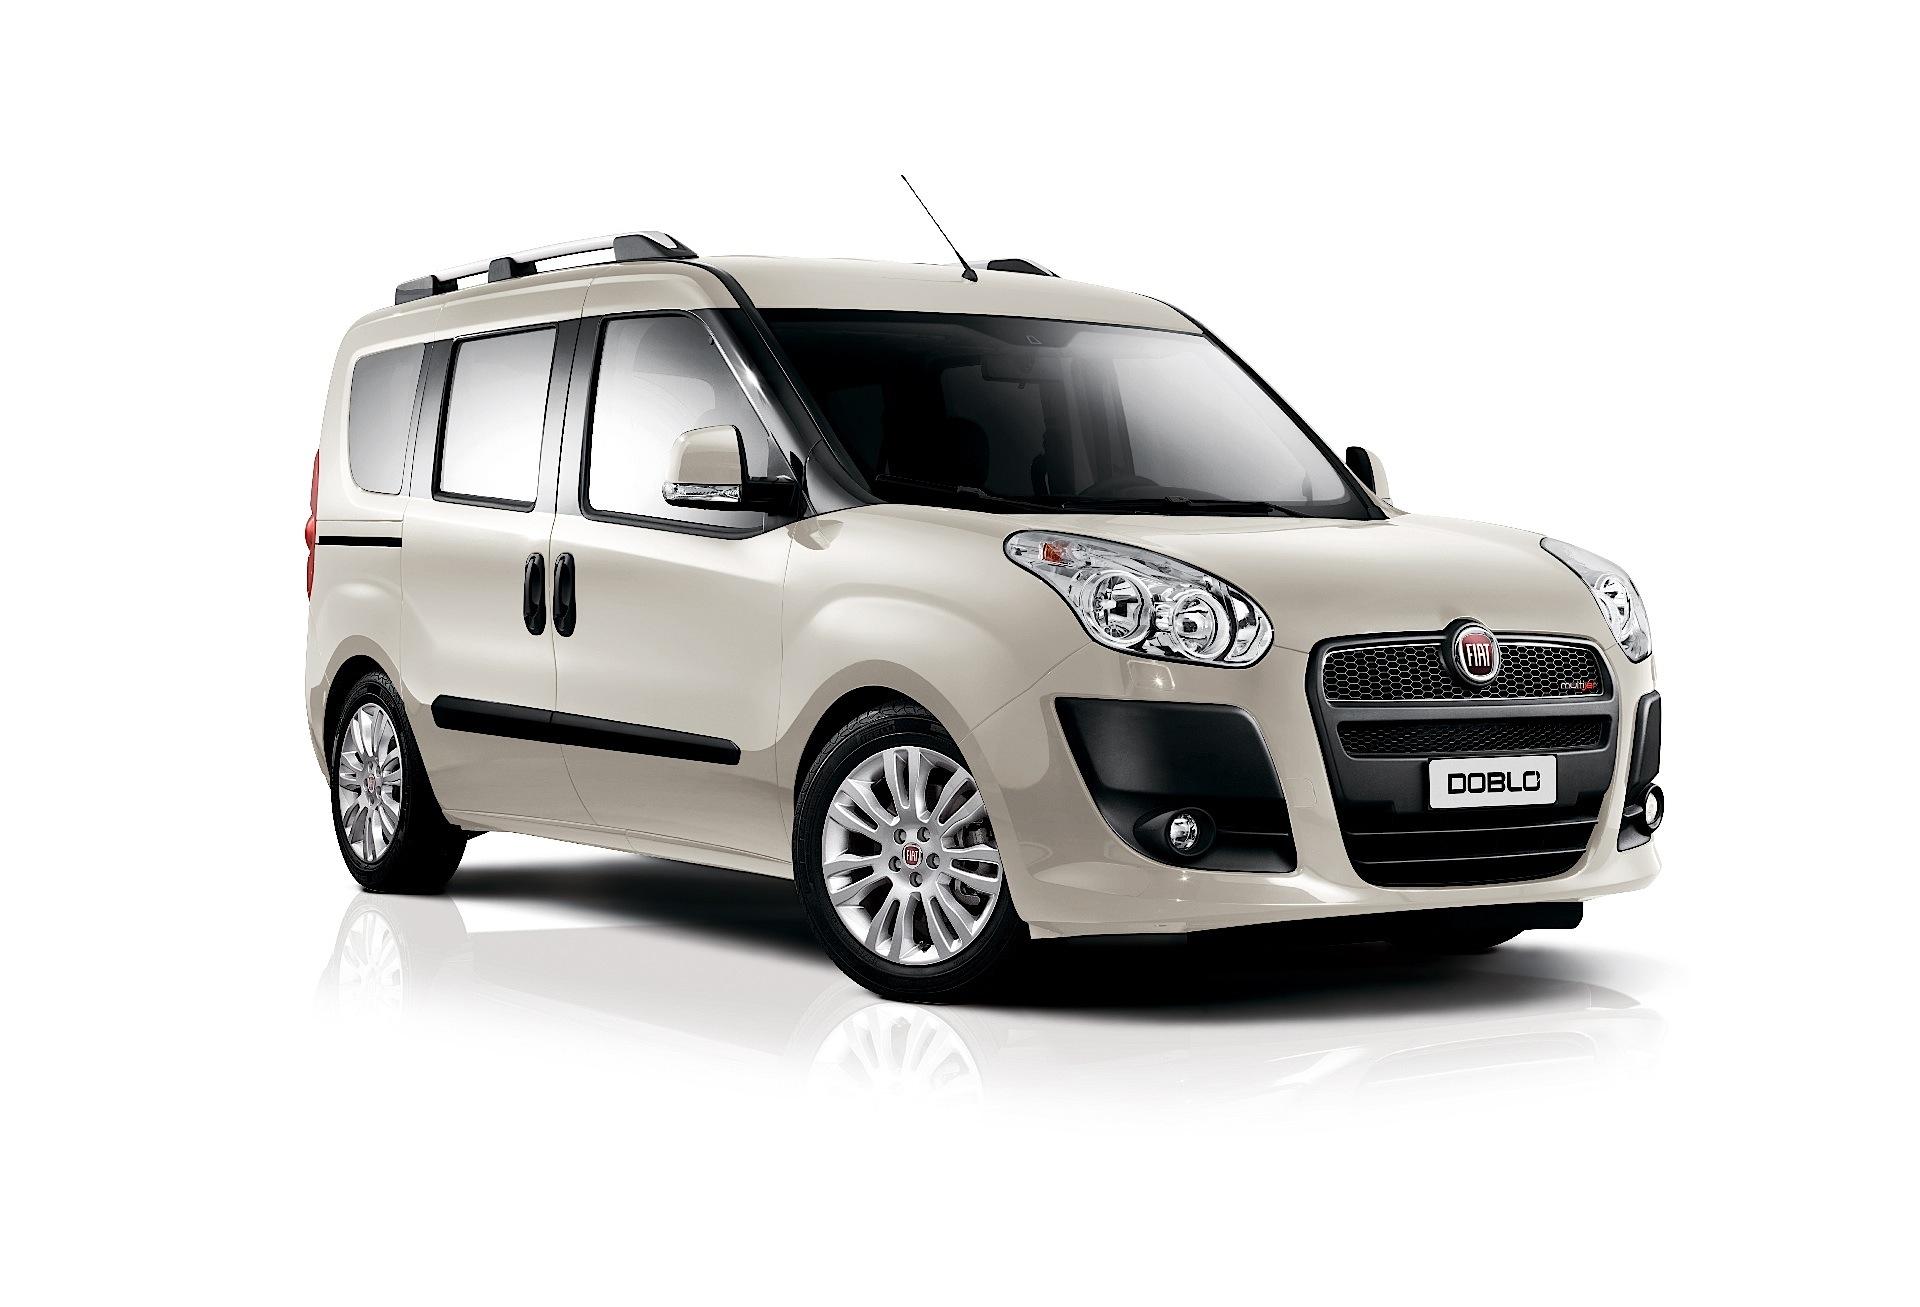 Fiat doblo specs 2010 2011 2012 2013 2014 2015